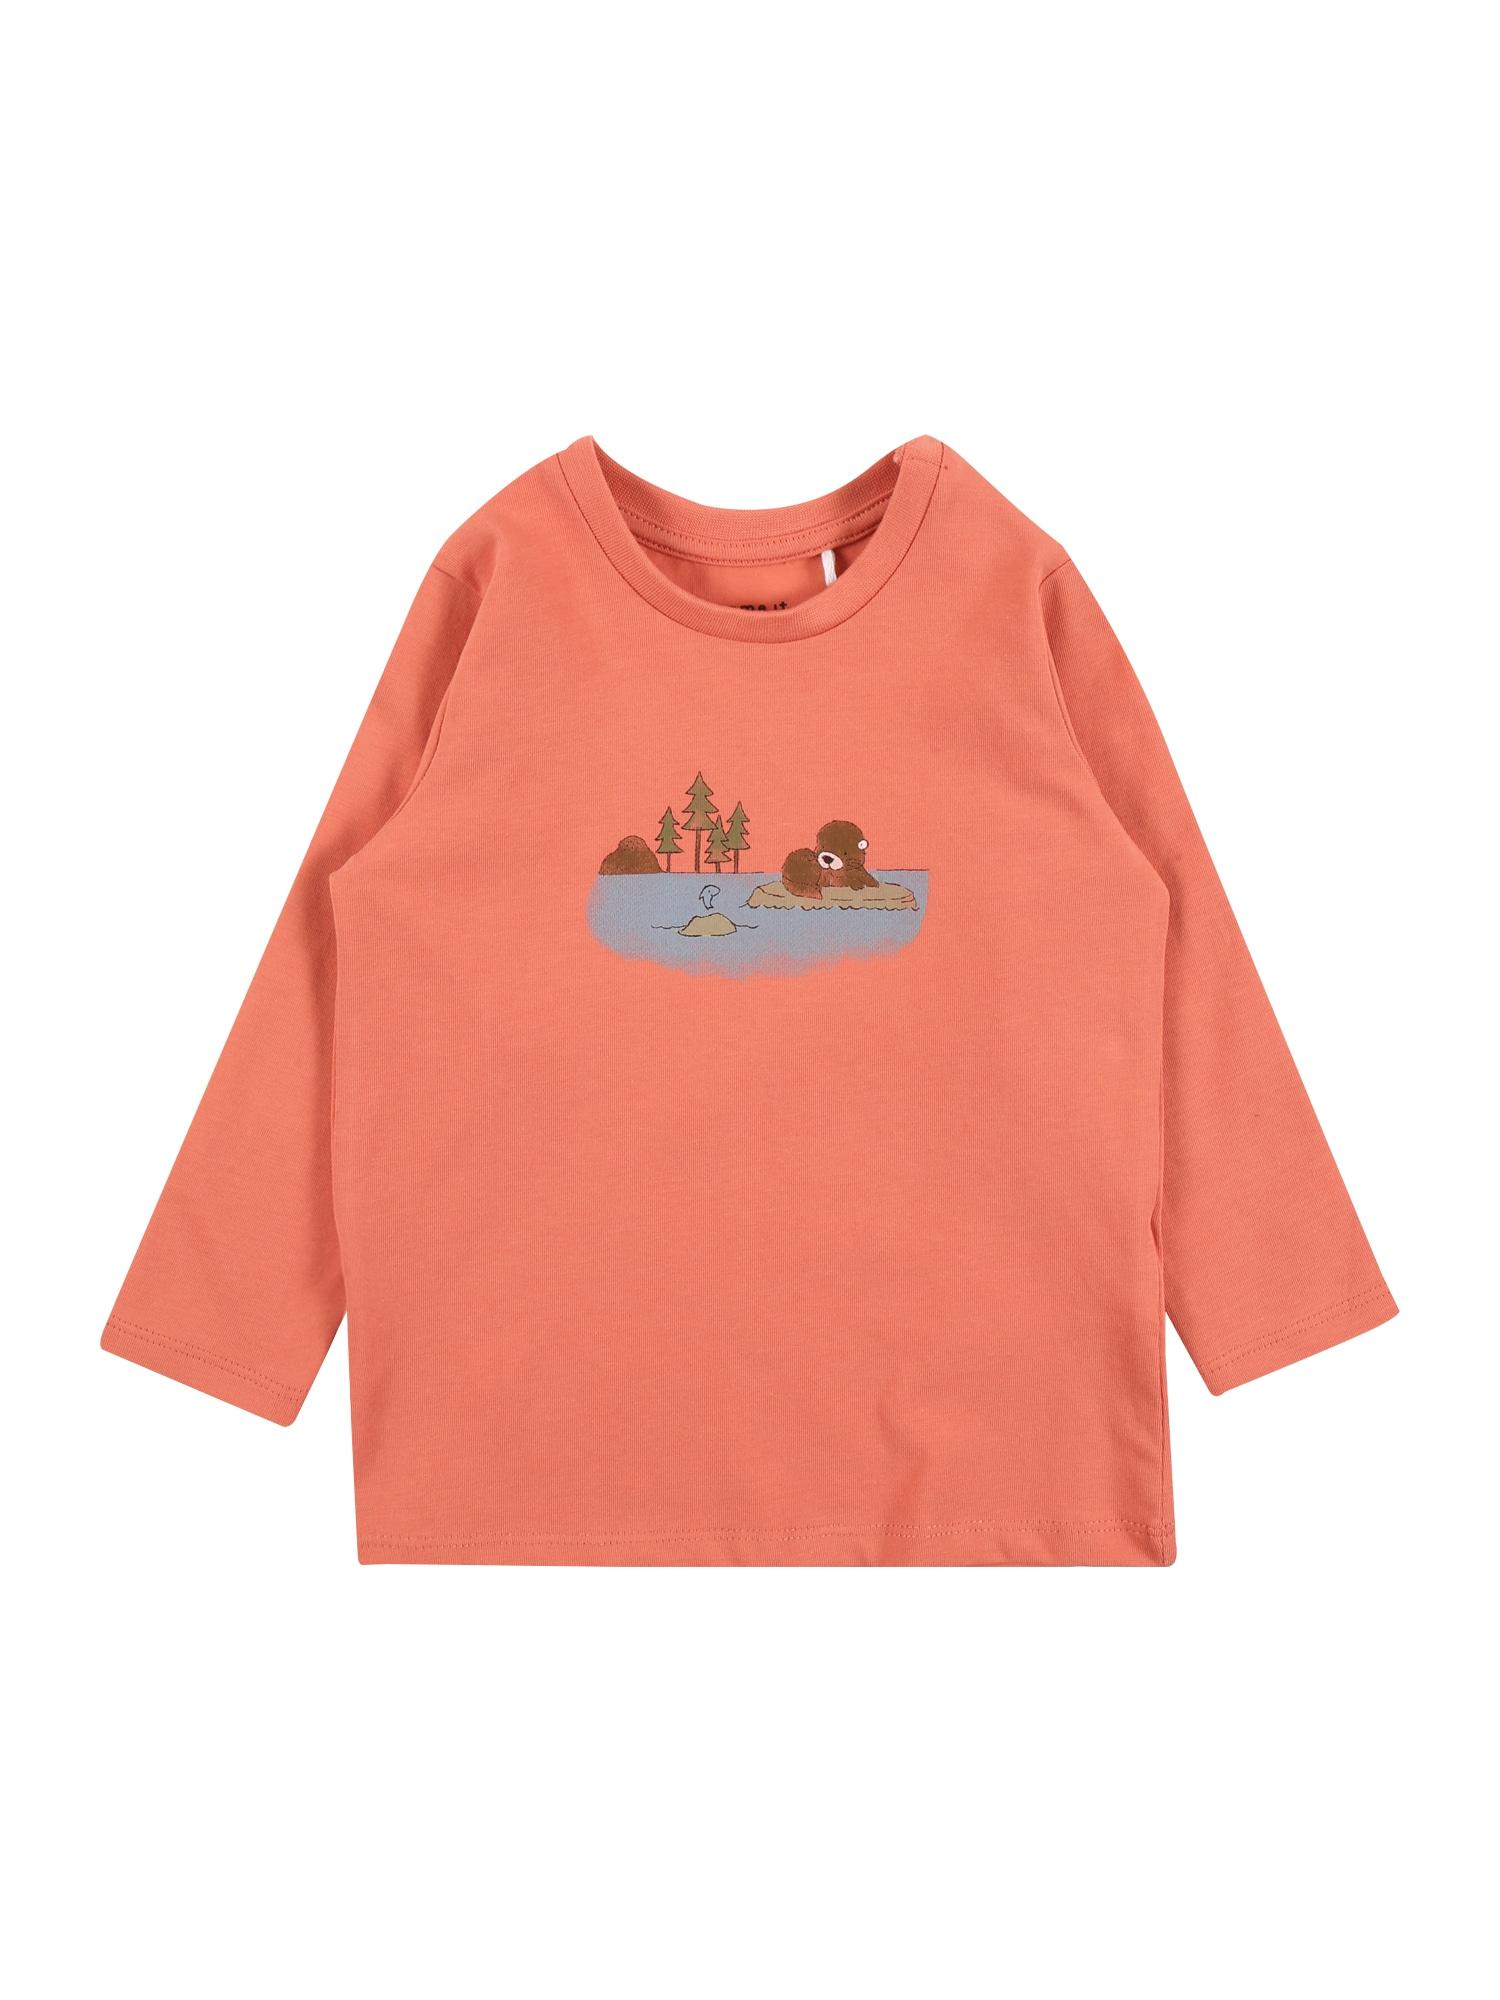 NAME IT Marškinėliai 'BOFIR' koralų splava / mėlyna dūmų spalva / žalia / ruda / rusvai pilka